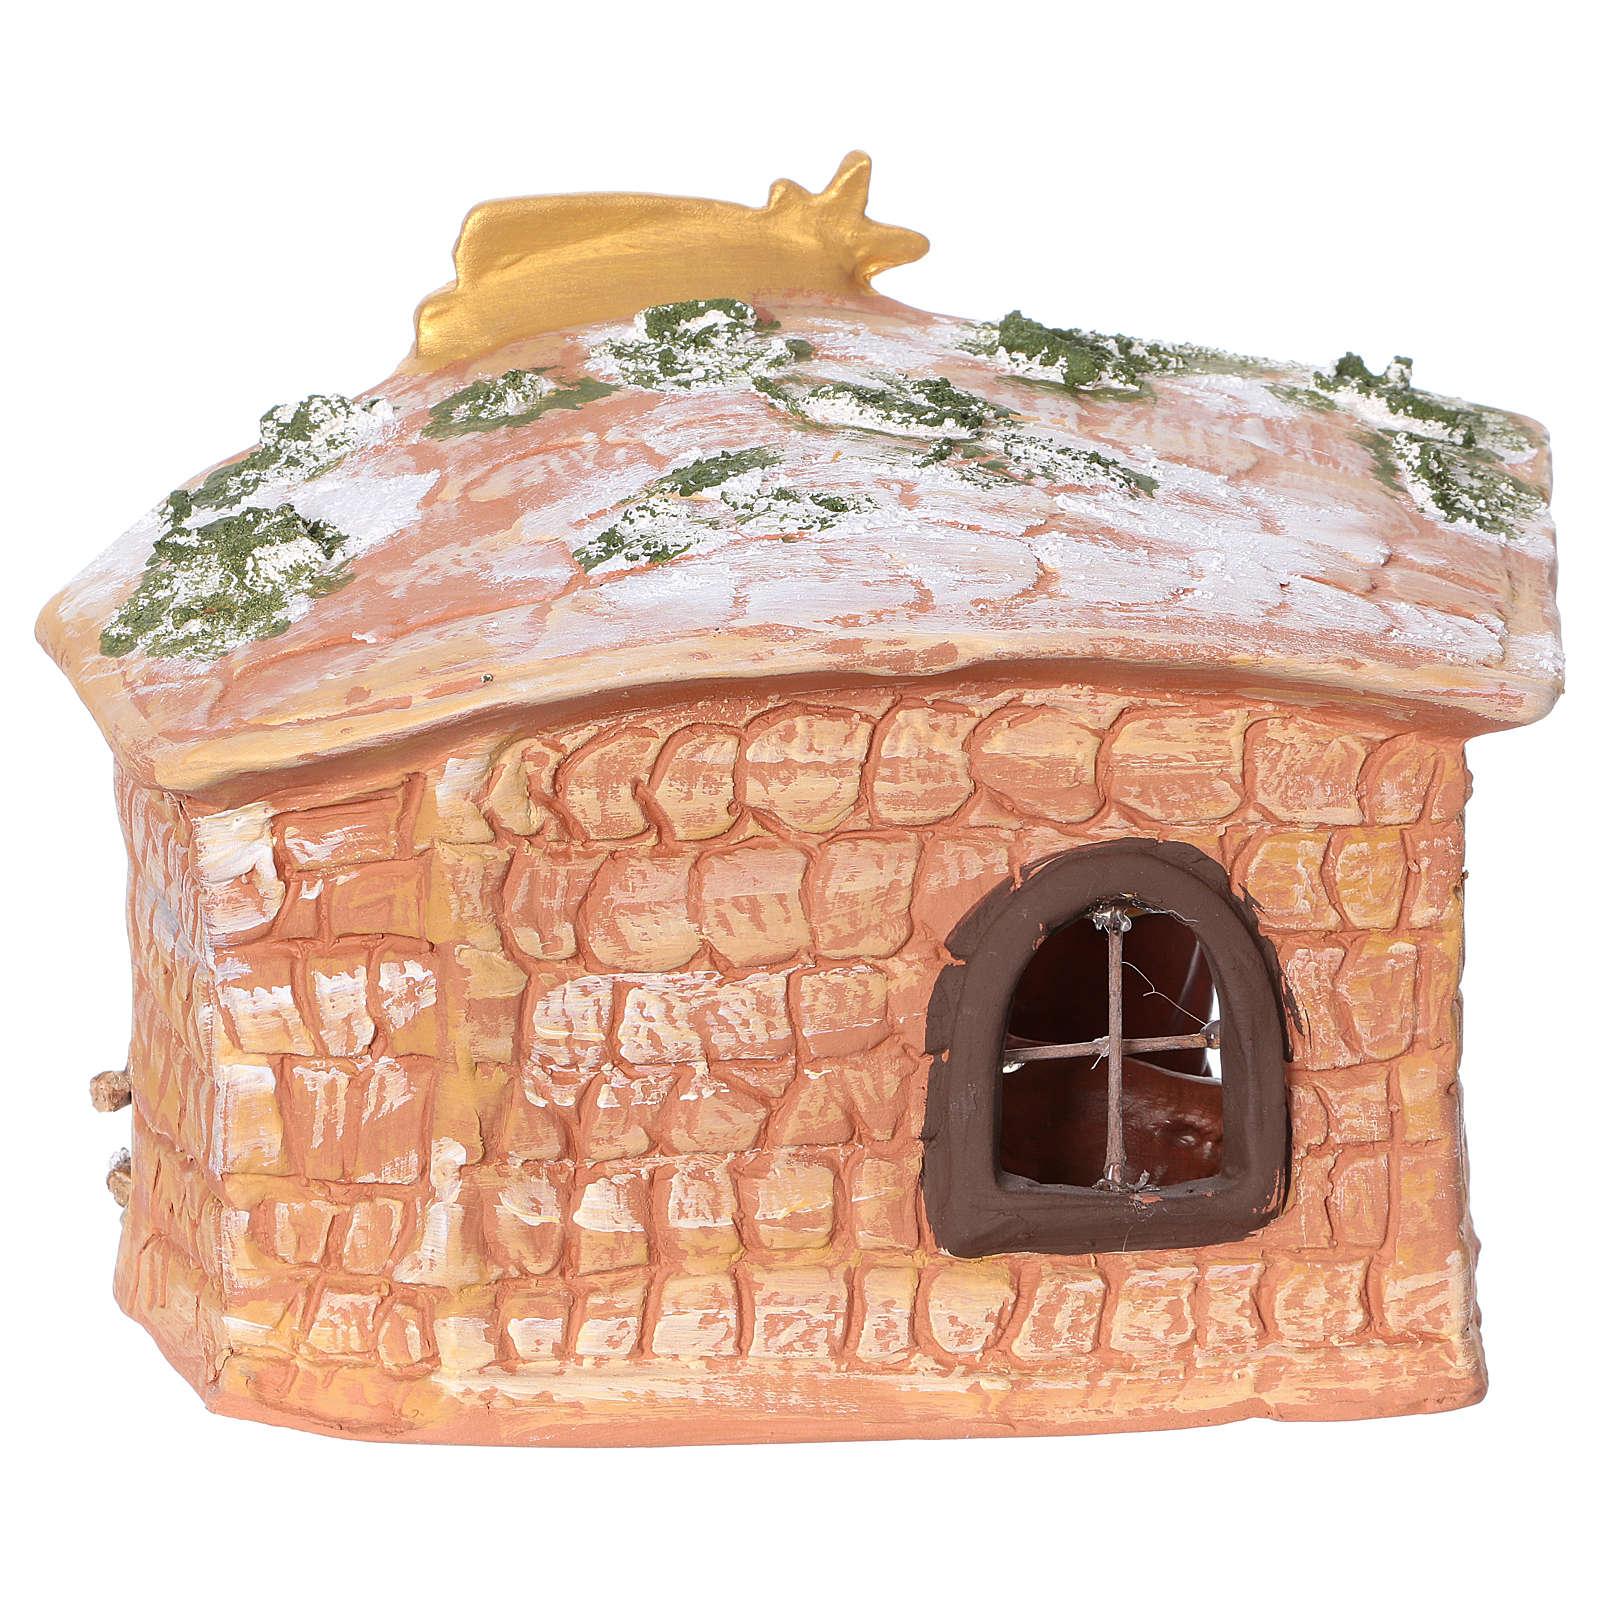 Cabaña de terracota pintada con nativdad 8 cm 20x20x15 cm 4